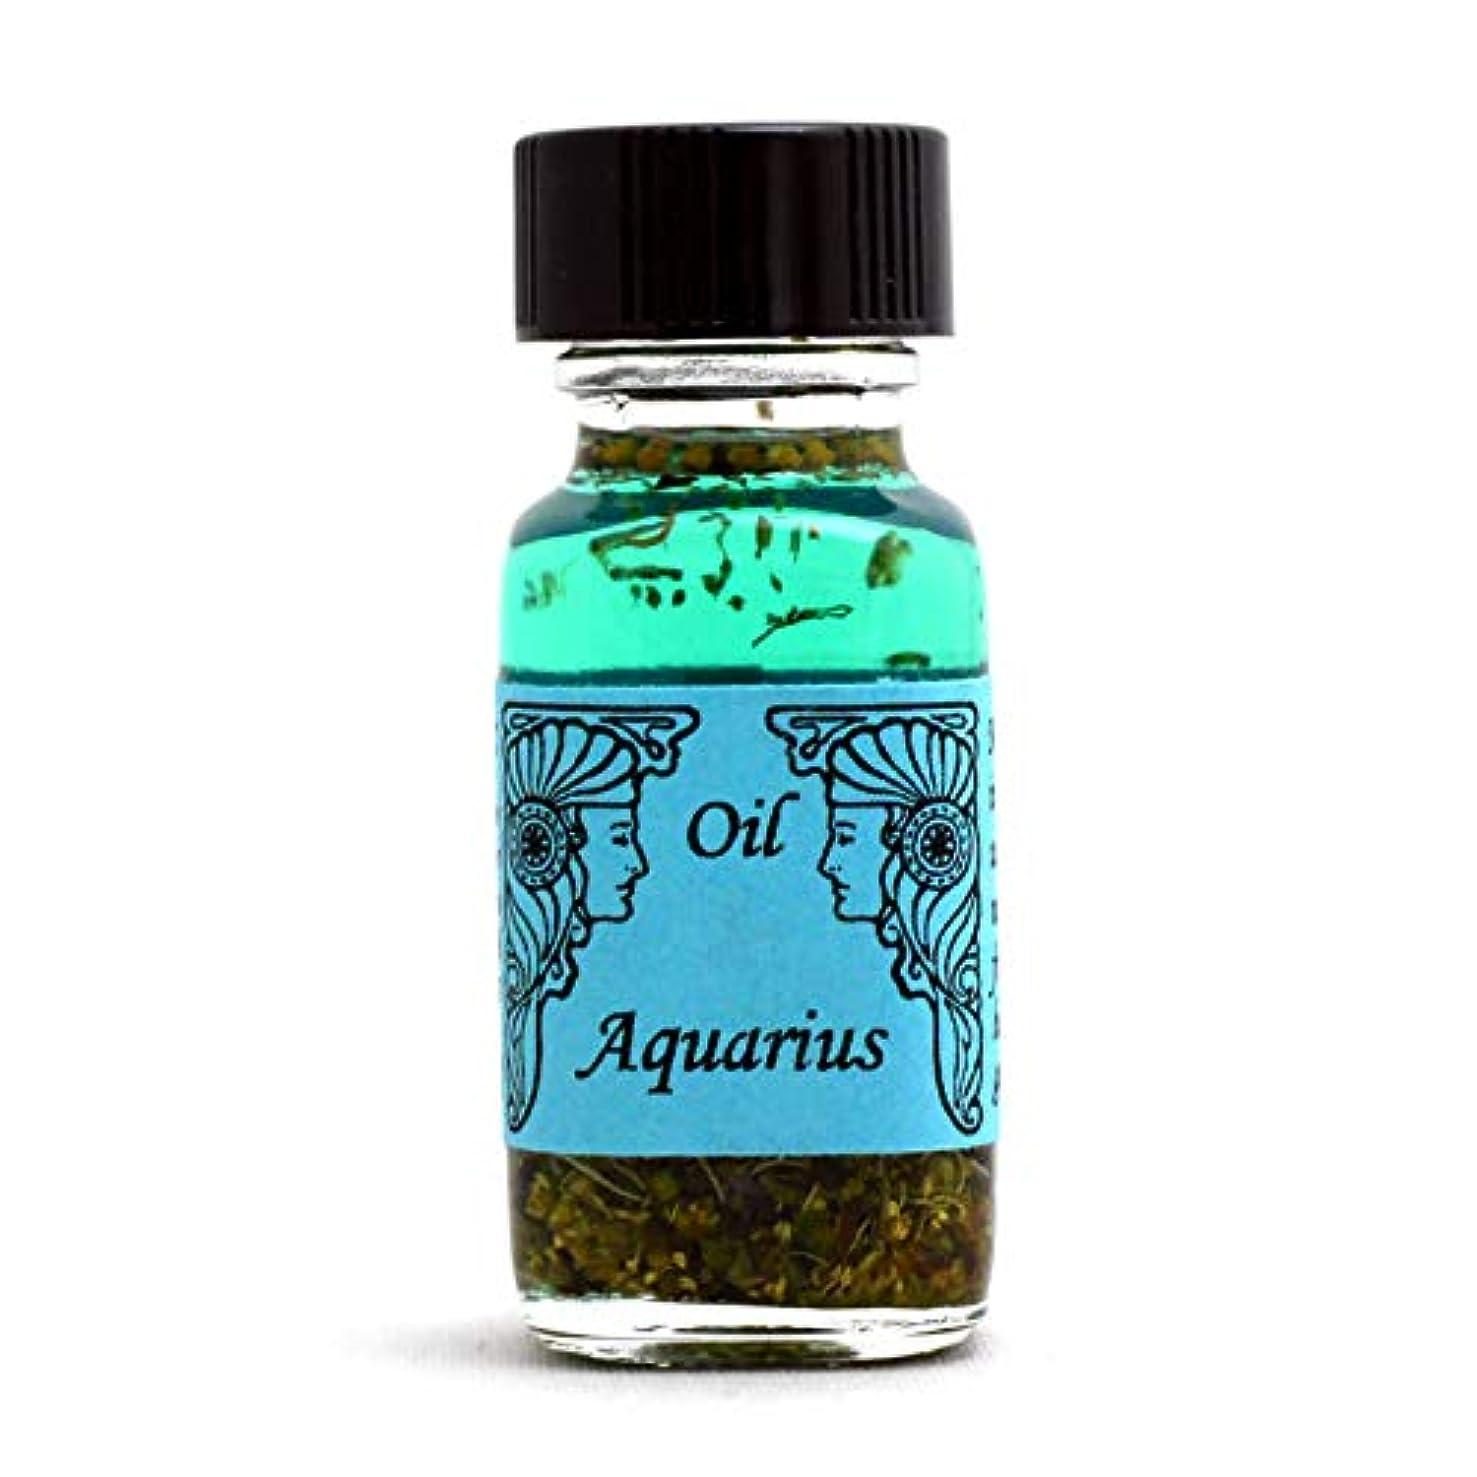 差し引く忠実なドラマアンシェントメモリーオイル 12星座オイル(占星術オイル)Aquarius 水瓶座 1月20日~2月18日